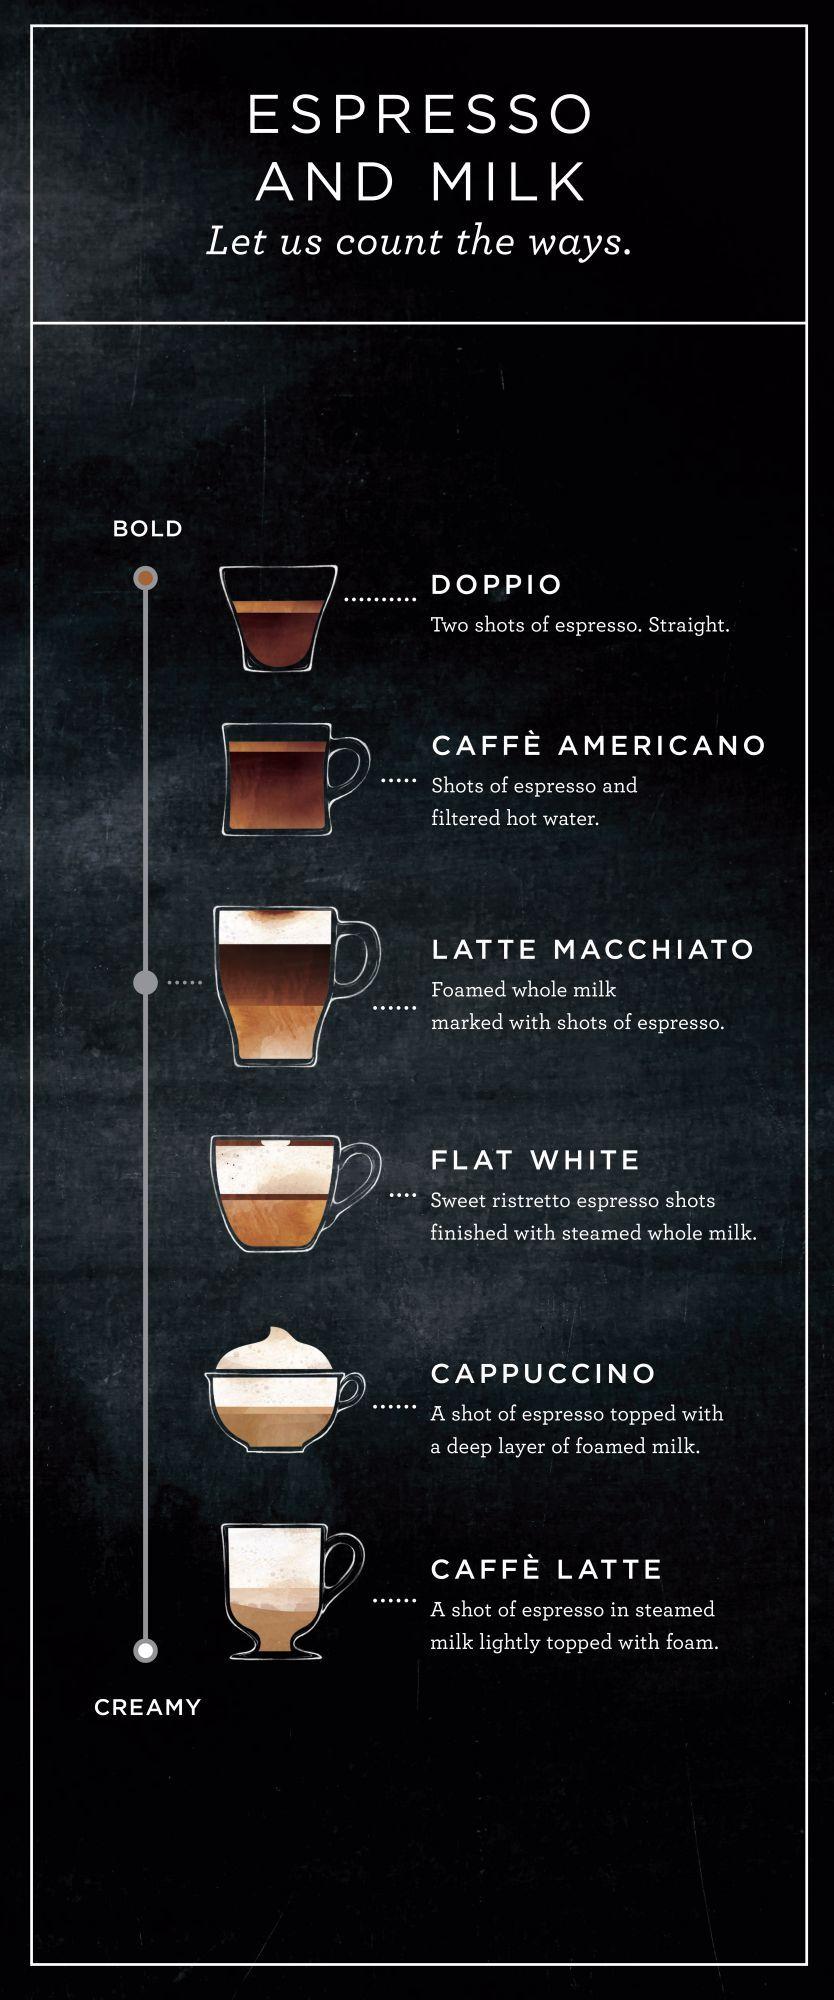 Comparing The Latte Macchiato And The Flat White 커피 타임 라떼